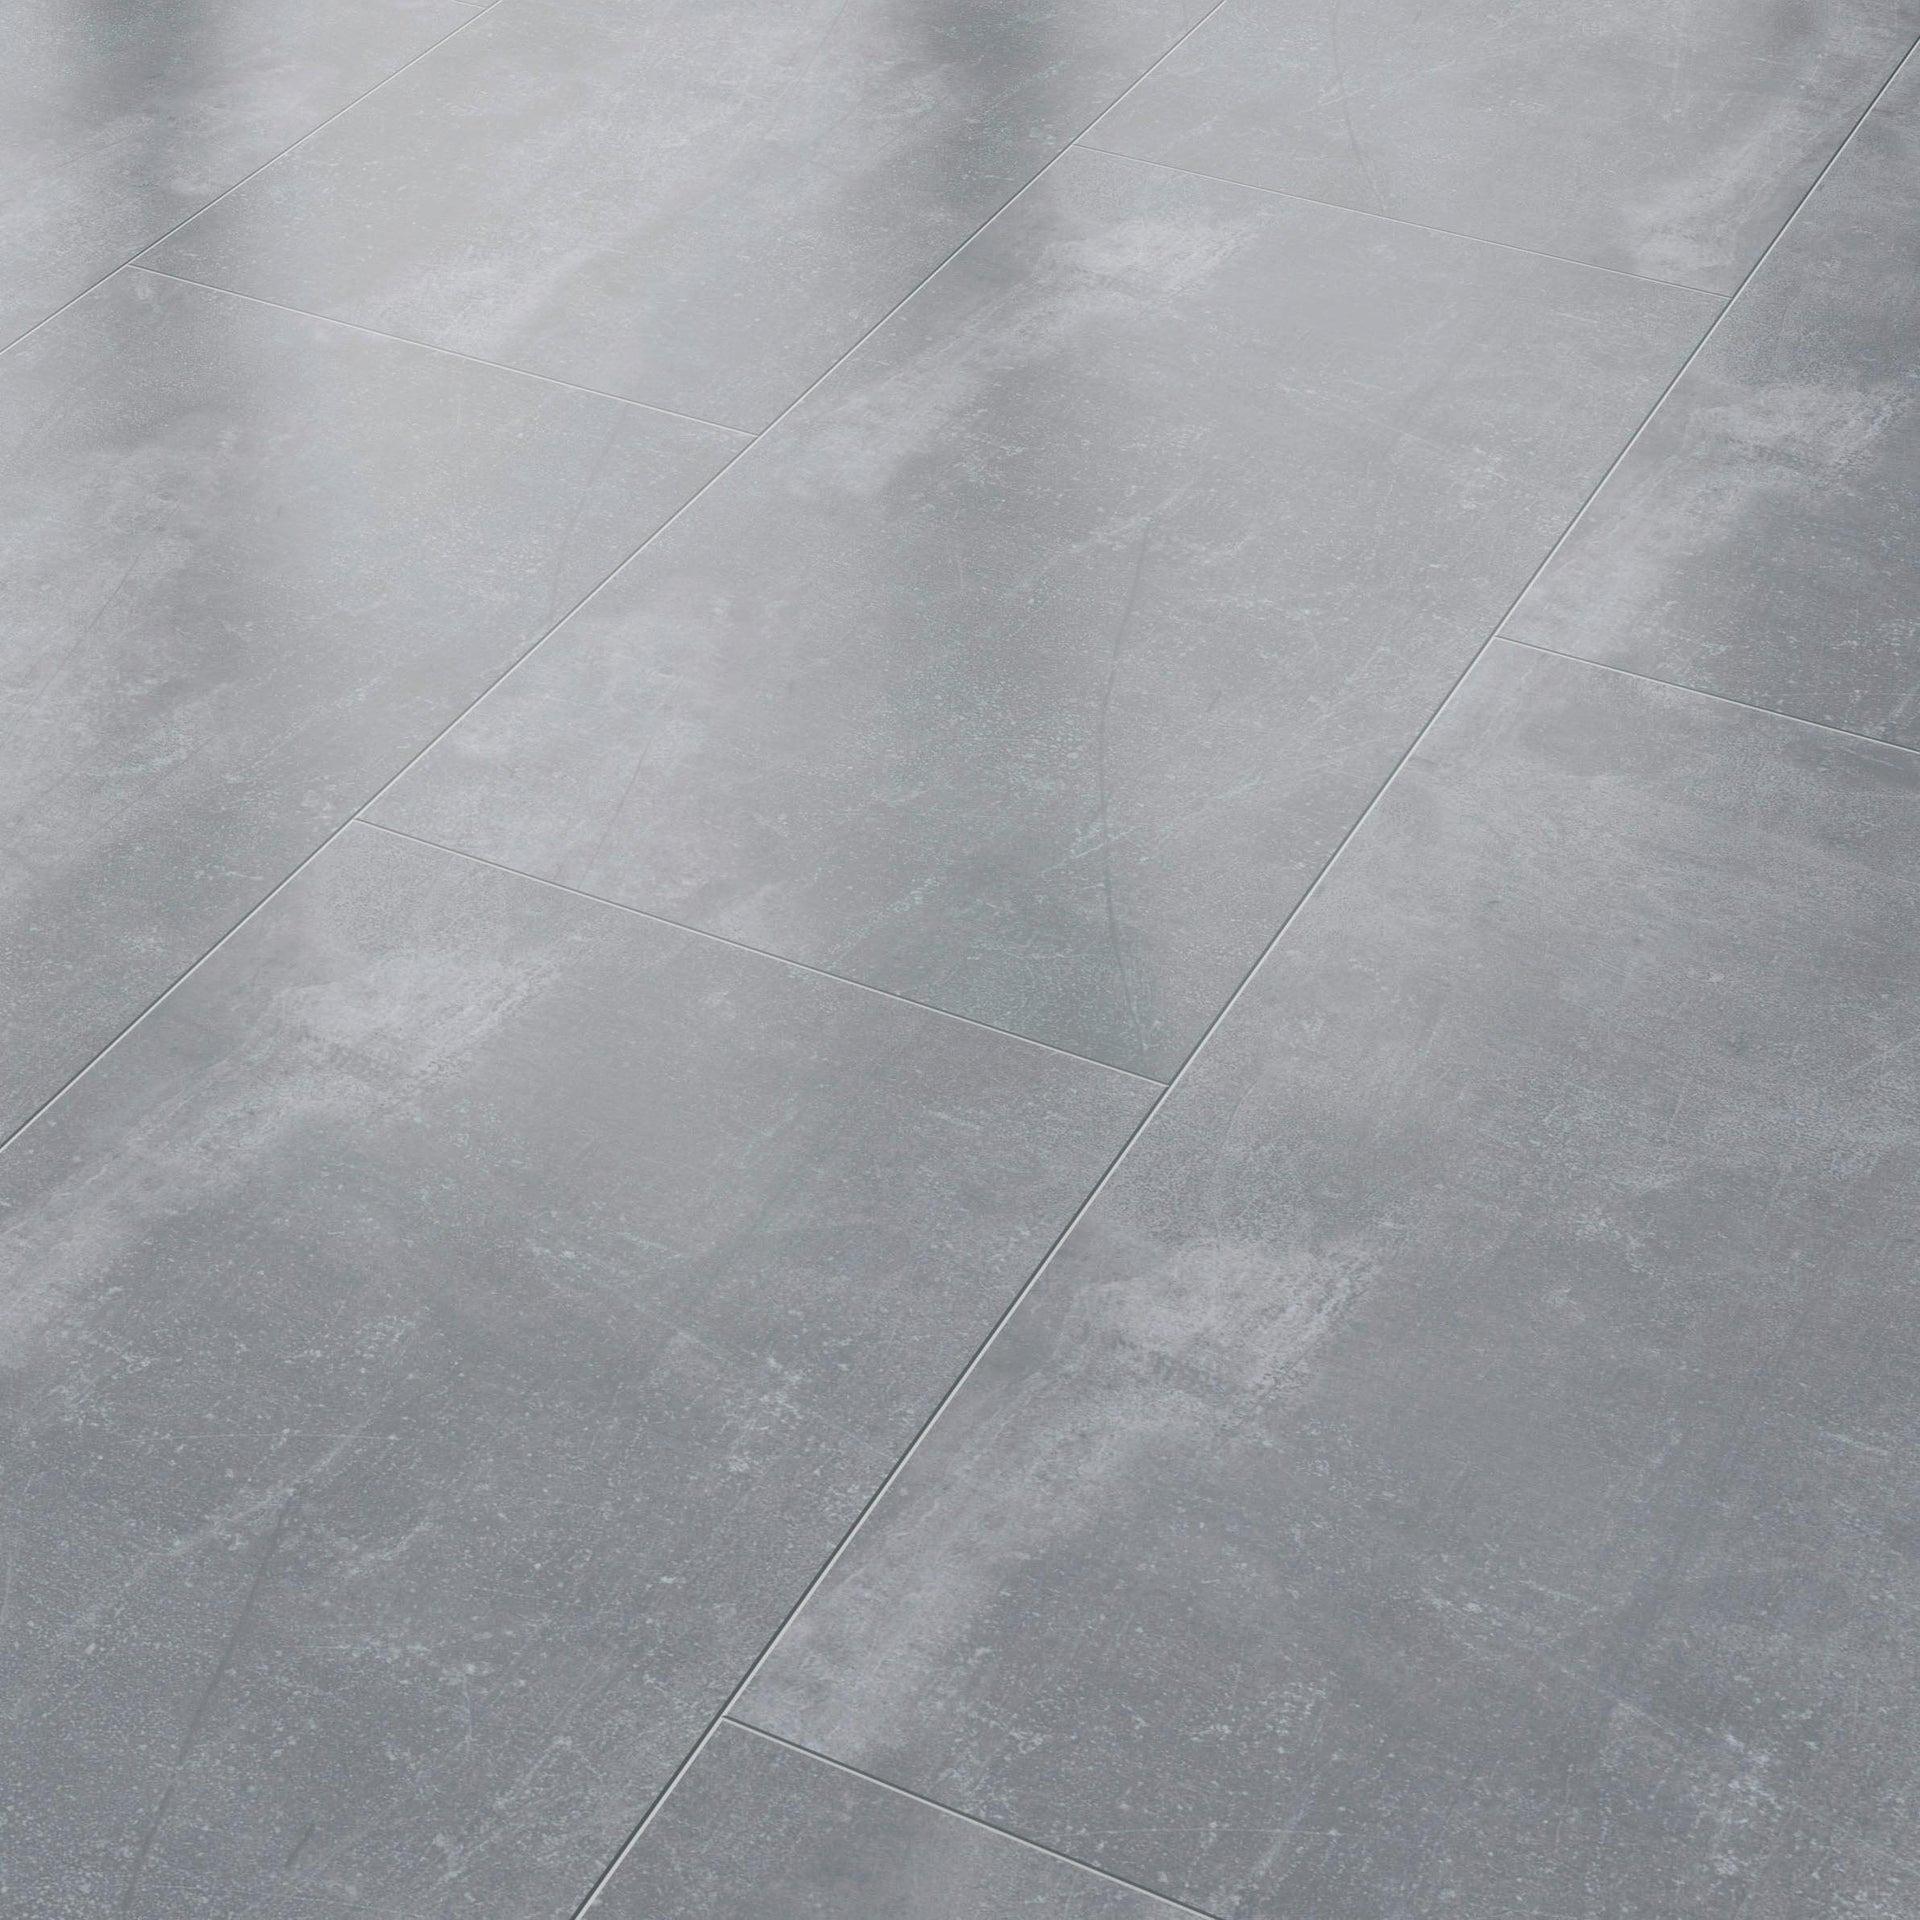 Pavimento SPC flottante clic+ Pietra Nova Industrial Sp 4.5 mm grigio / argento - 2